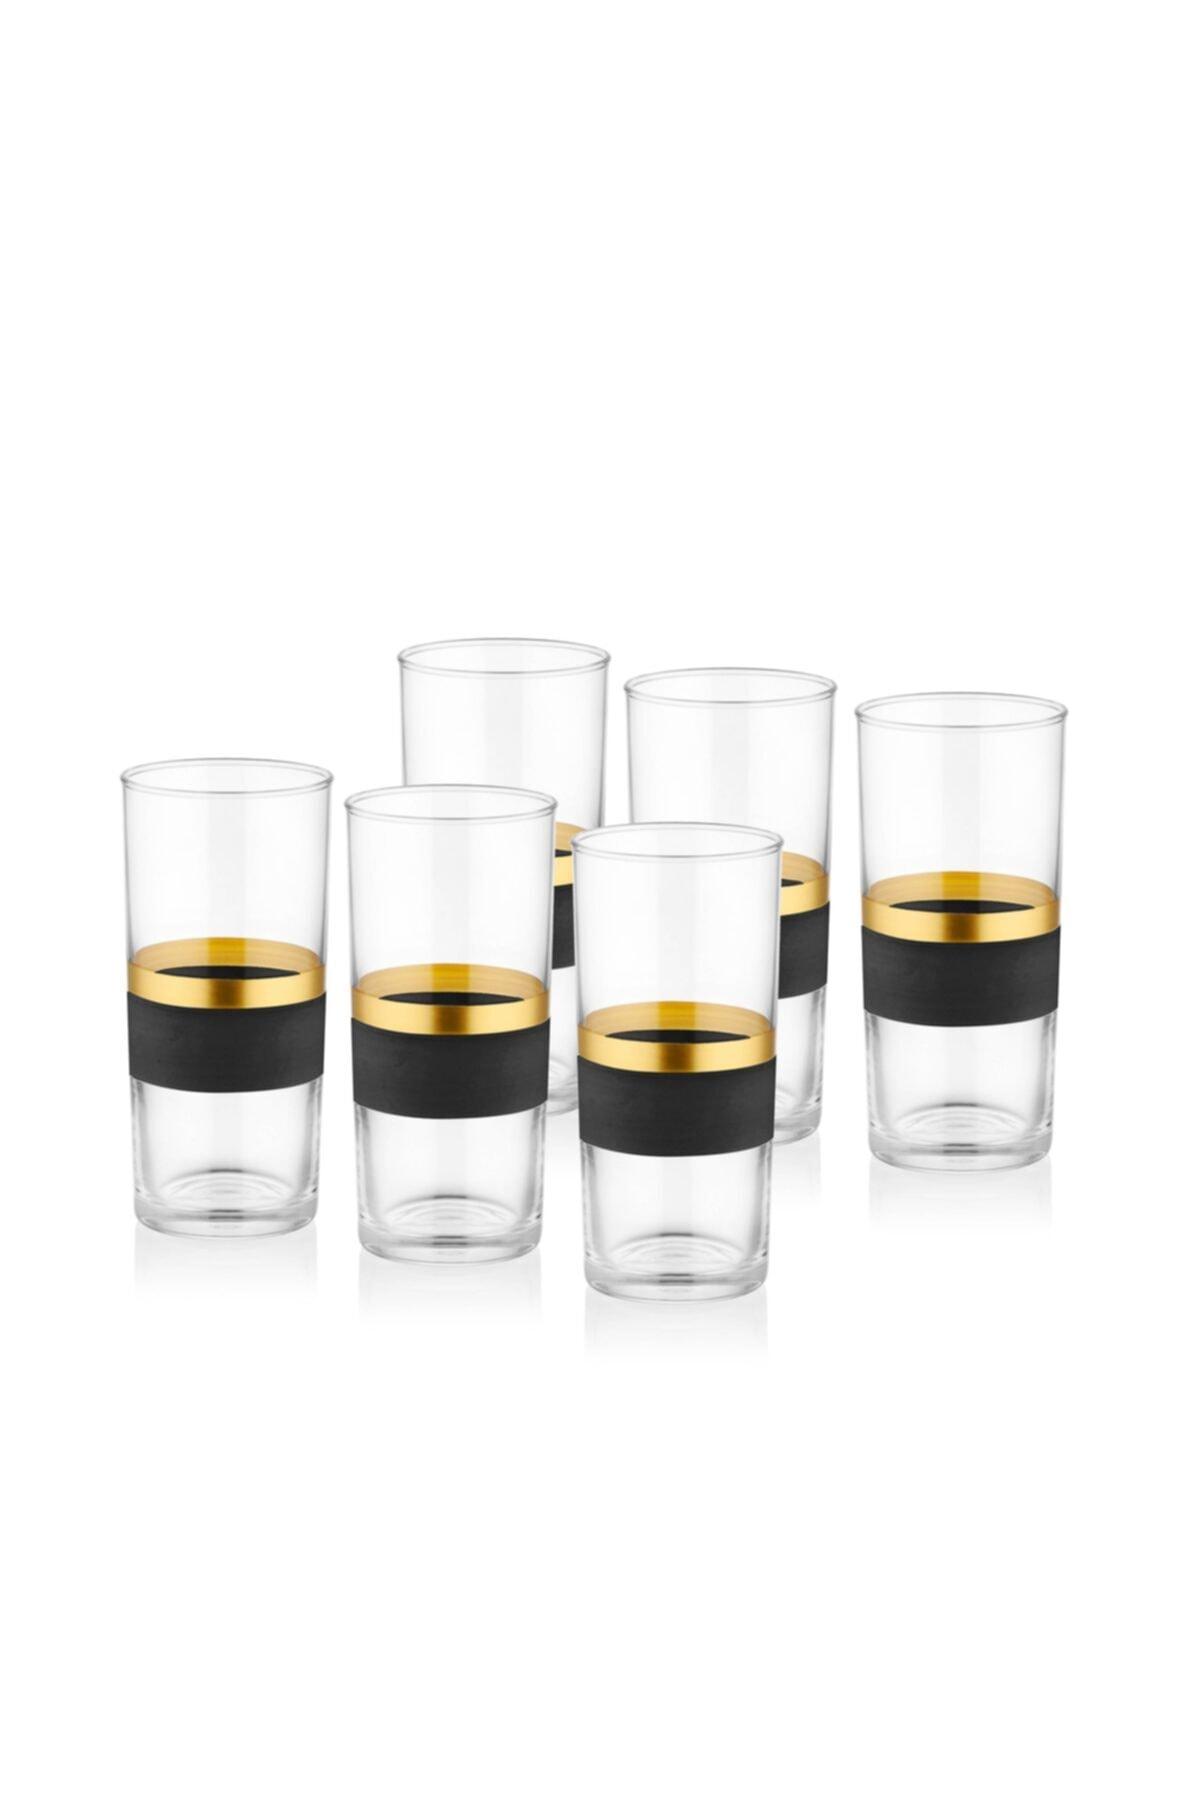 The Mia Glow Rakı Kadehi 6 Lı Set- Siyah & Gold 1